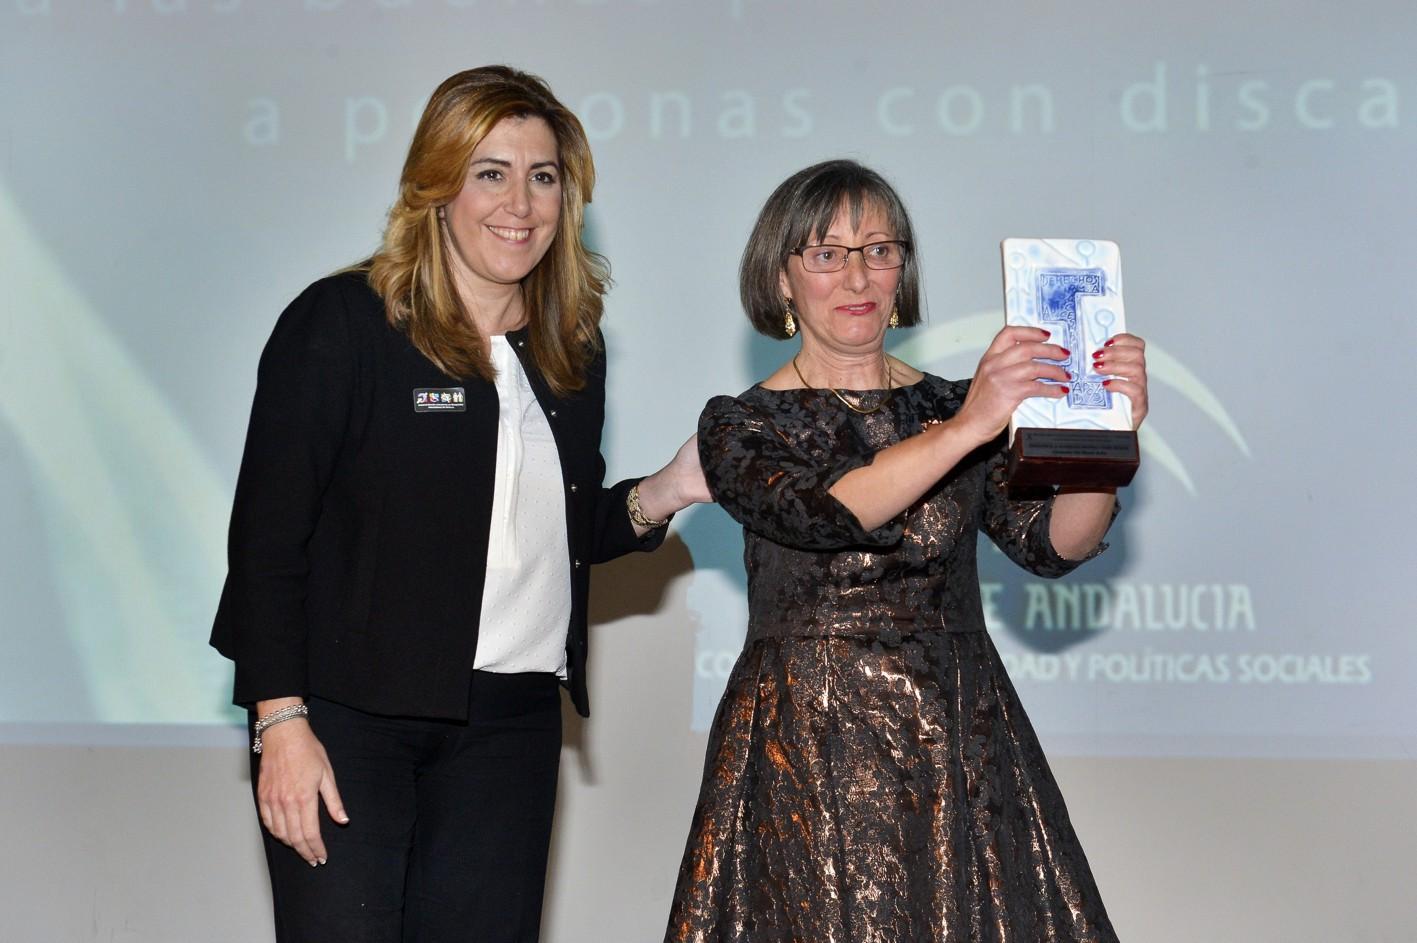 La doctora Consuelo del Moral recibe el premio de la mano de la presidenta de la Junta de Andalucía.